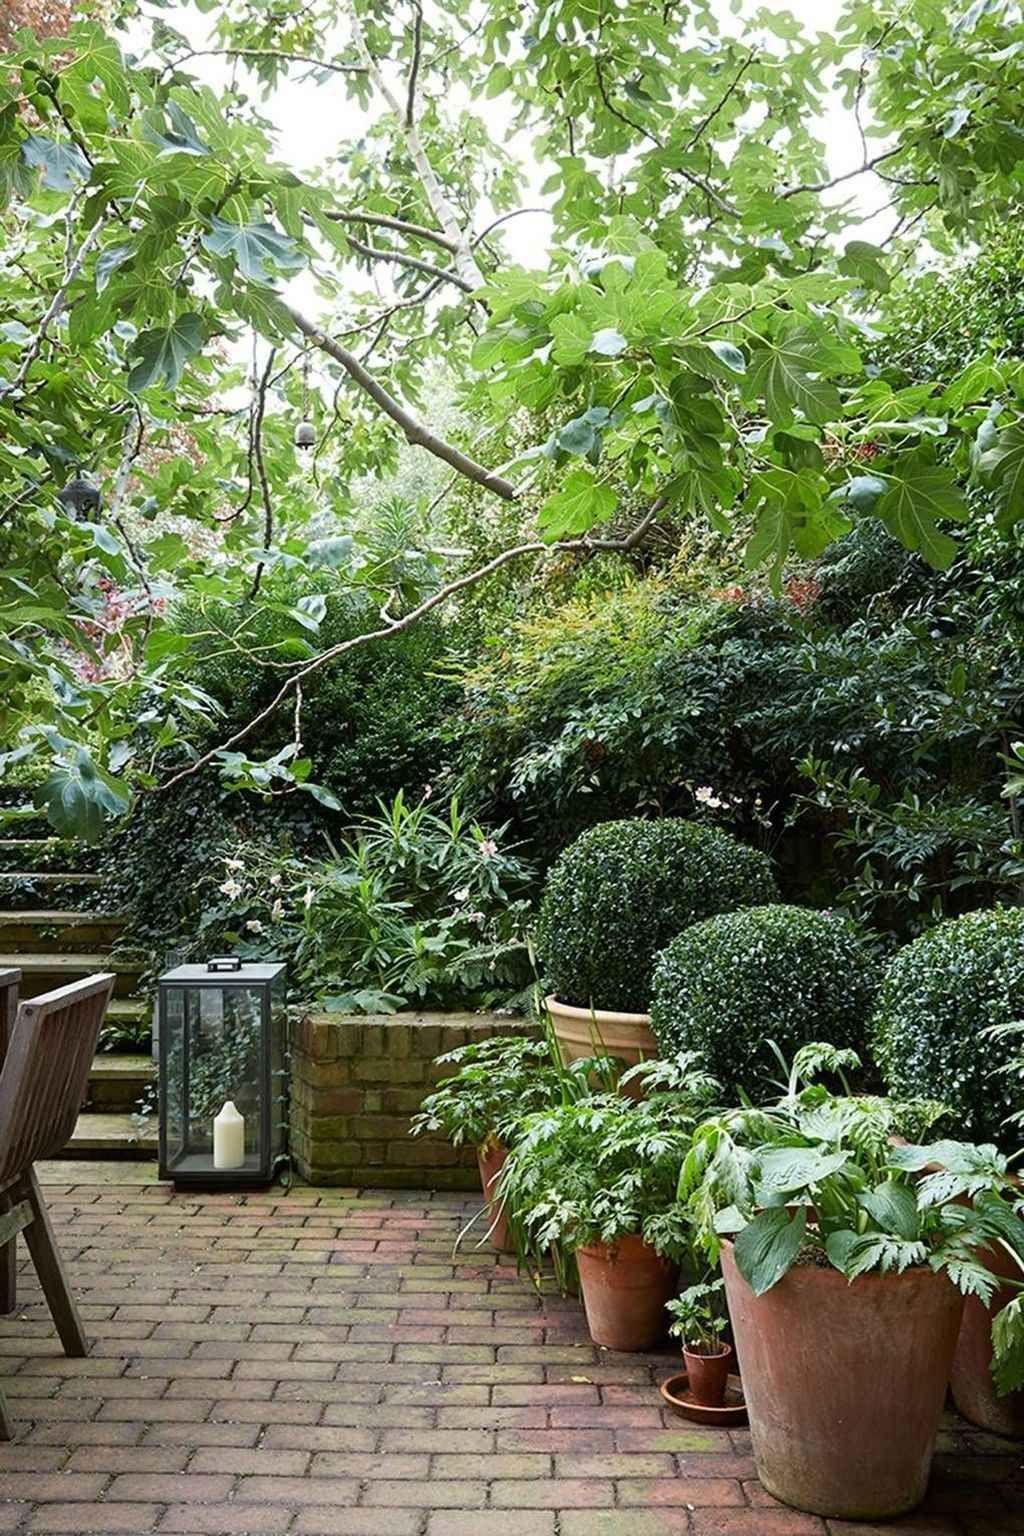 95 Small Courtyard Garden with Seating Area Design Ideas – Courtyard gardens design